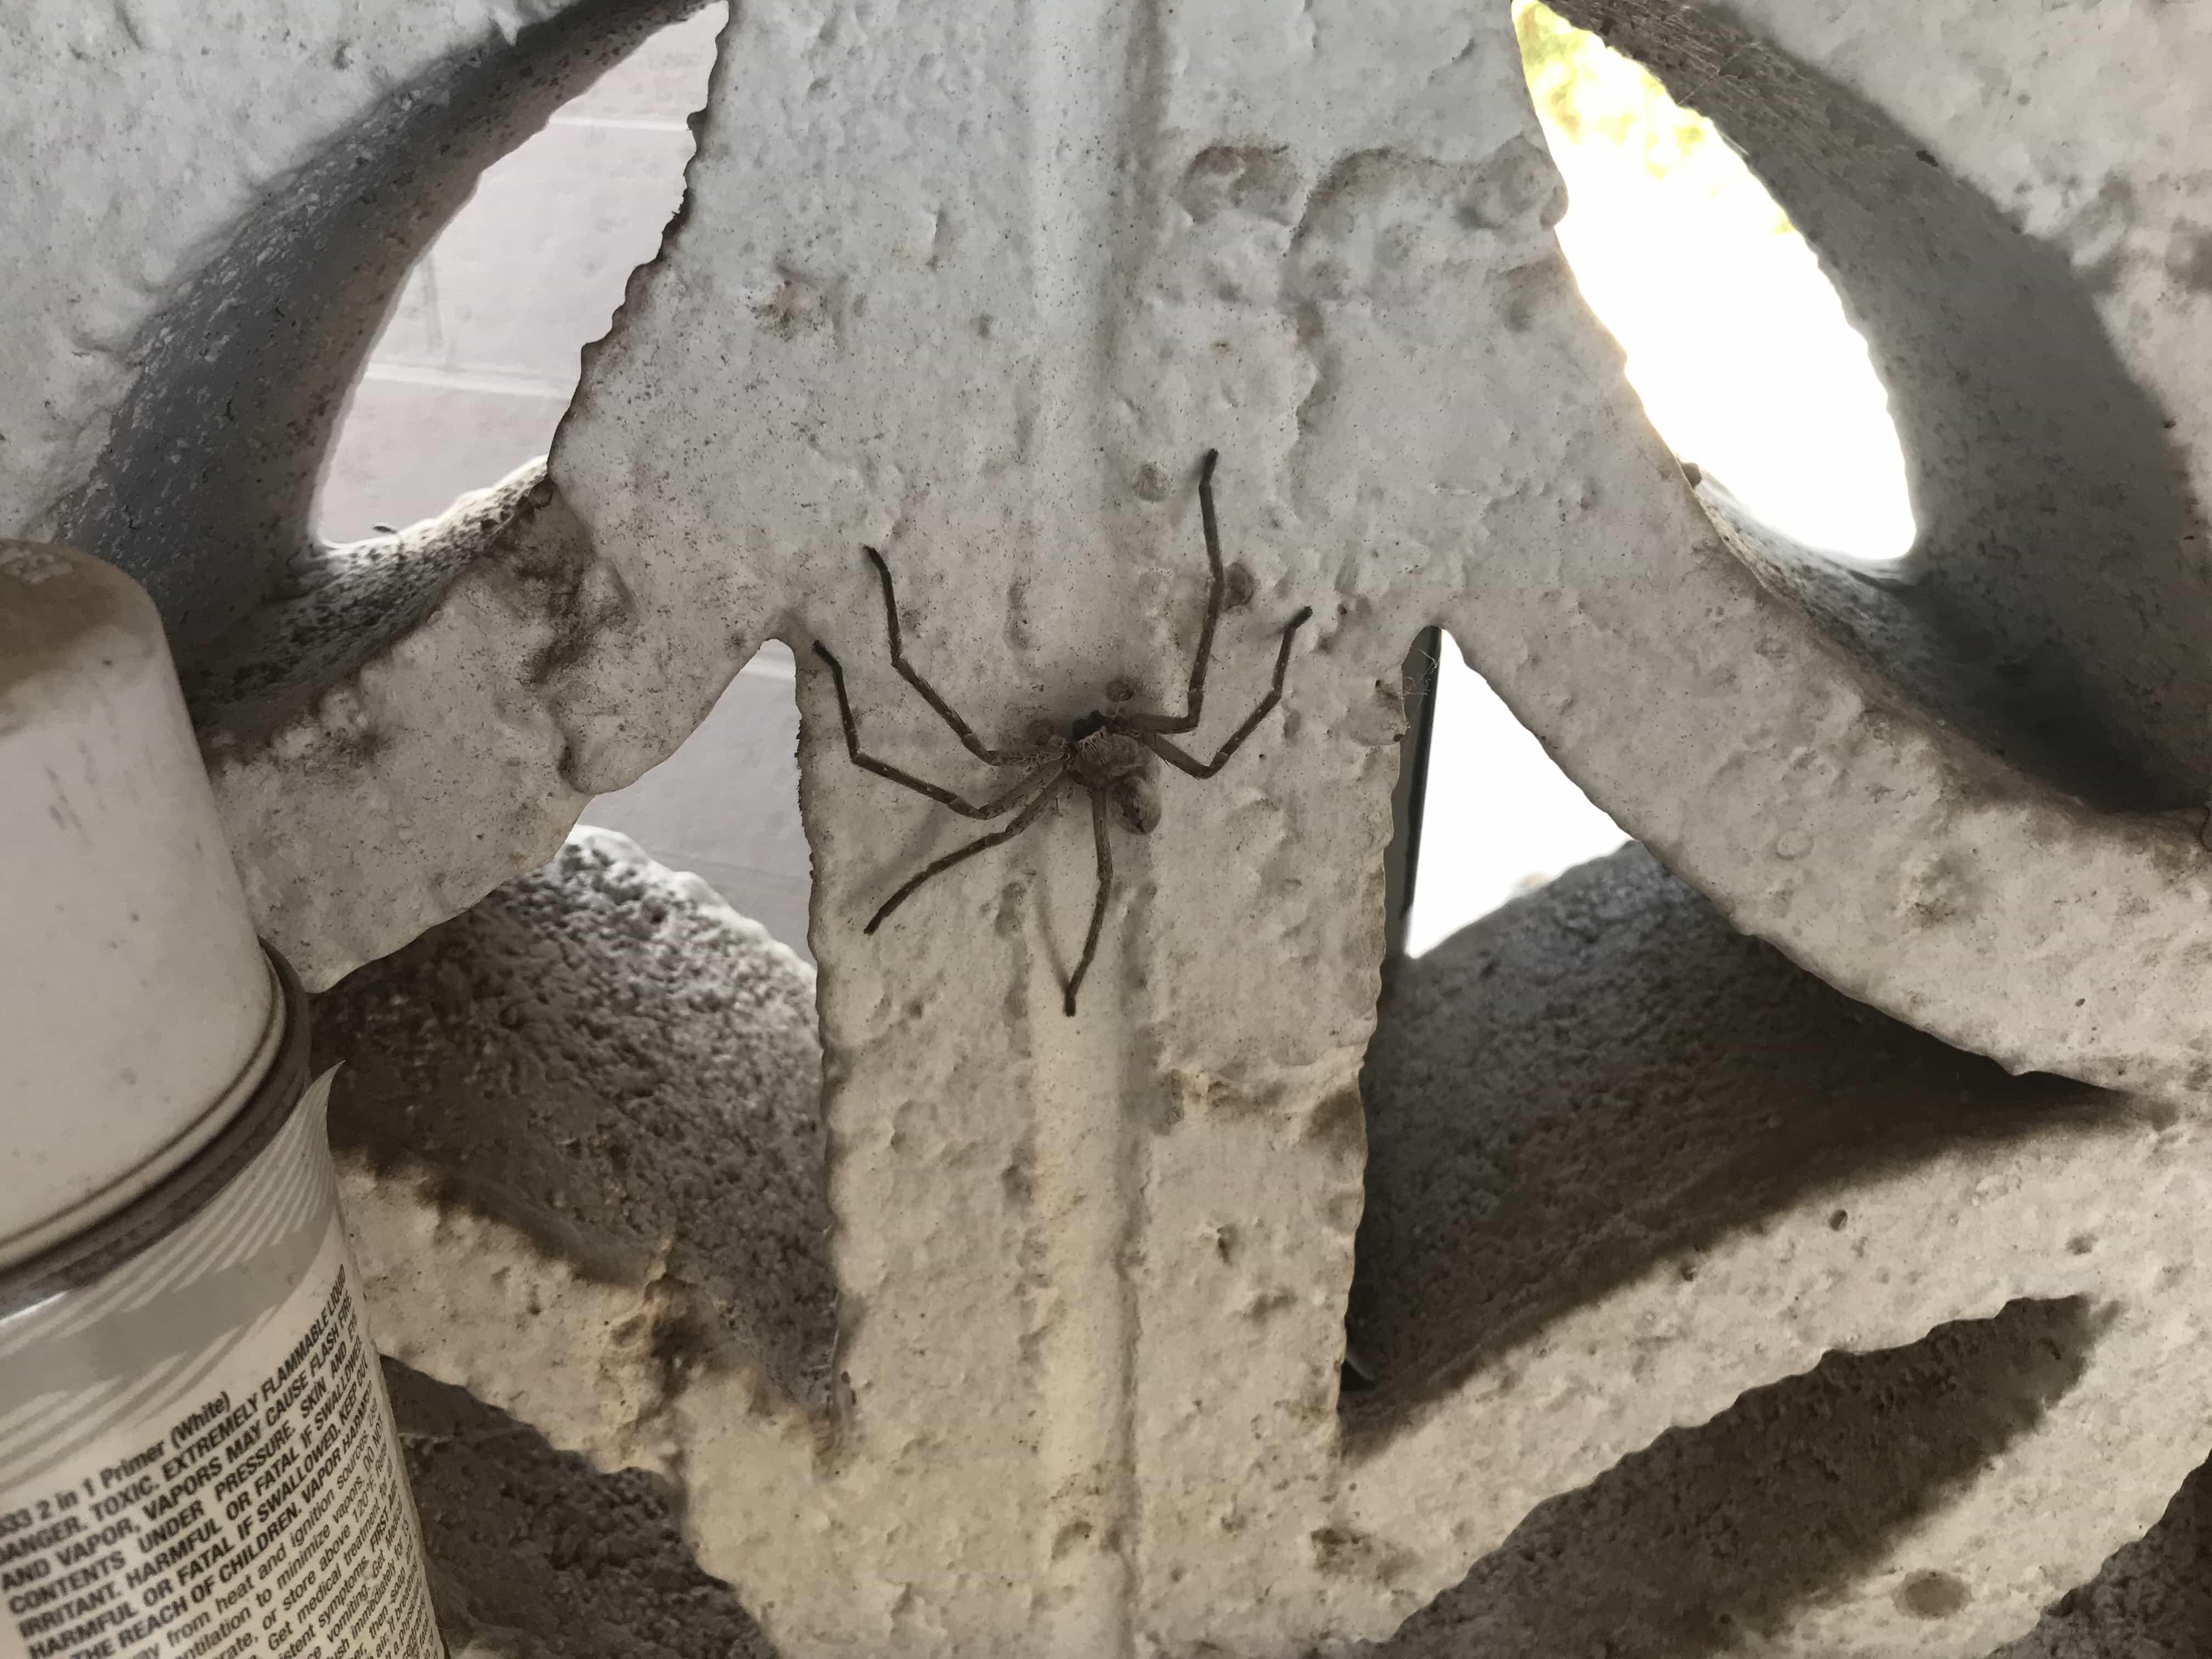 Picture of Olios giganteus (Giant Crab Spider) - Dorsal